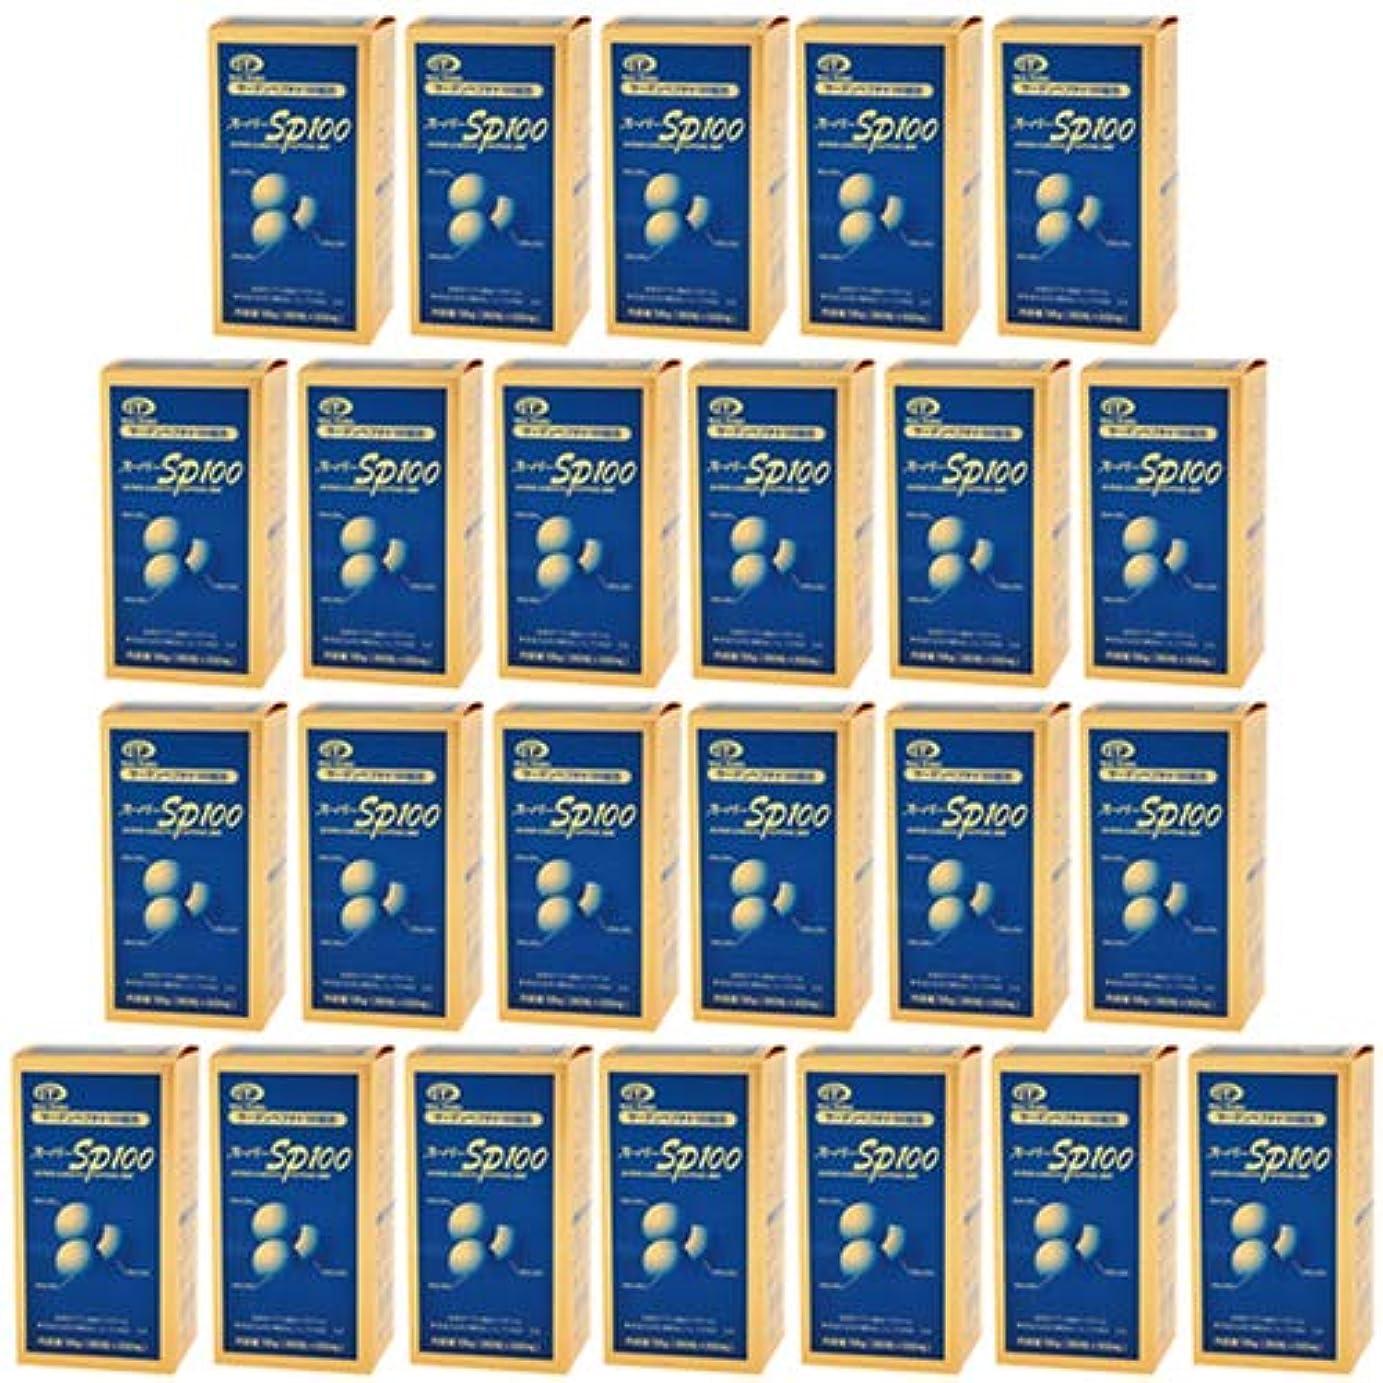 スクラップブック熱入植者スーパーSP100(イワシペプチド)(360粒) 24箱